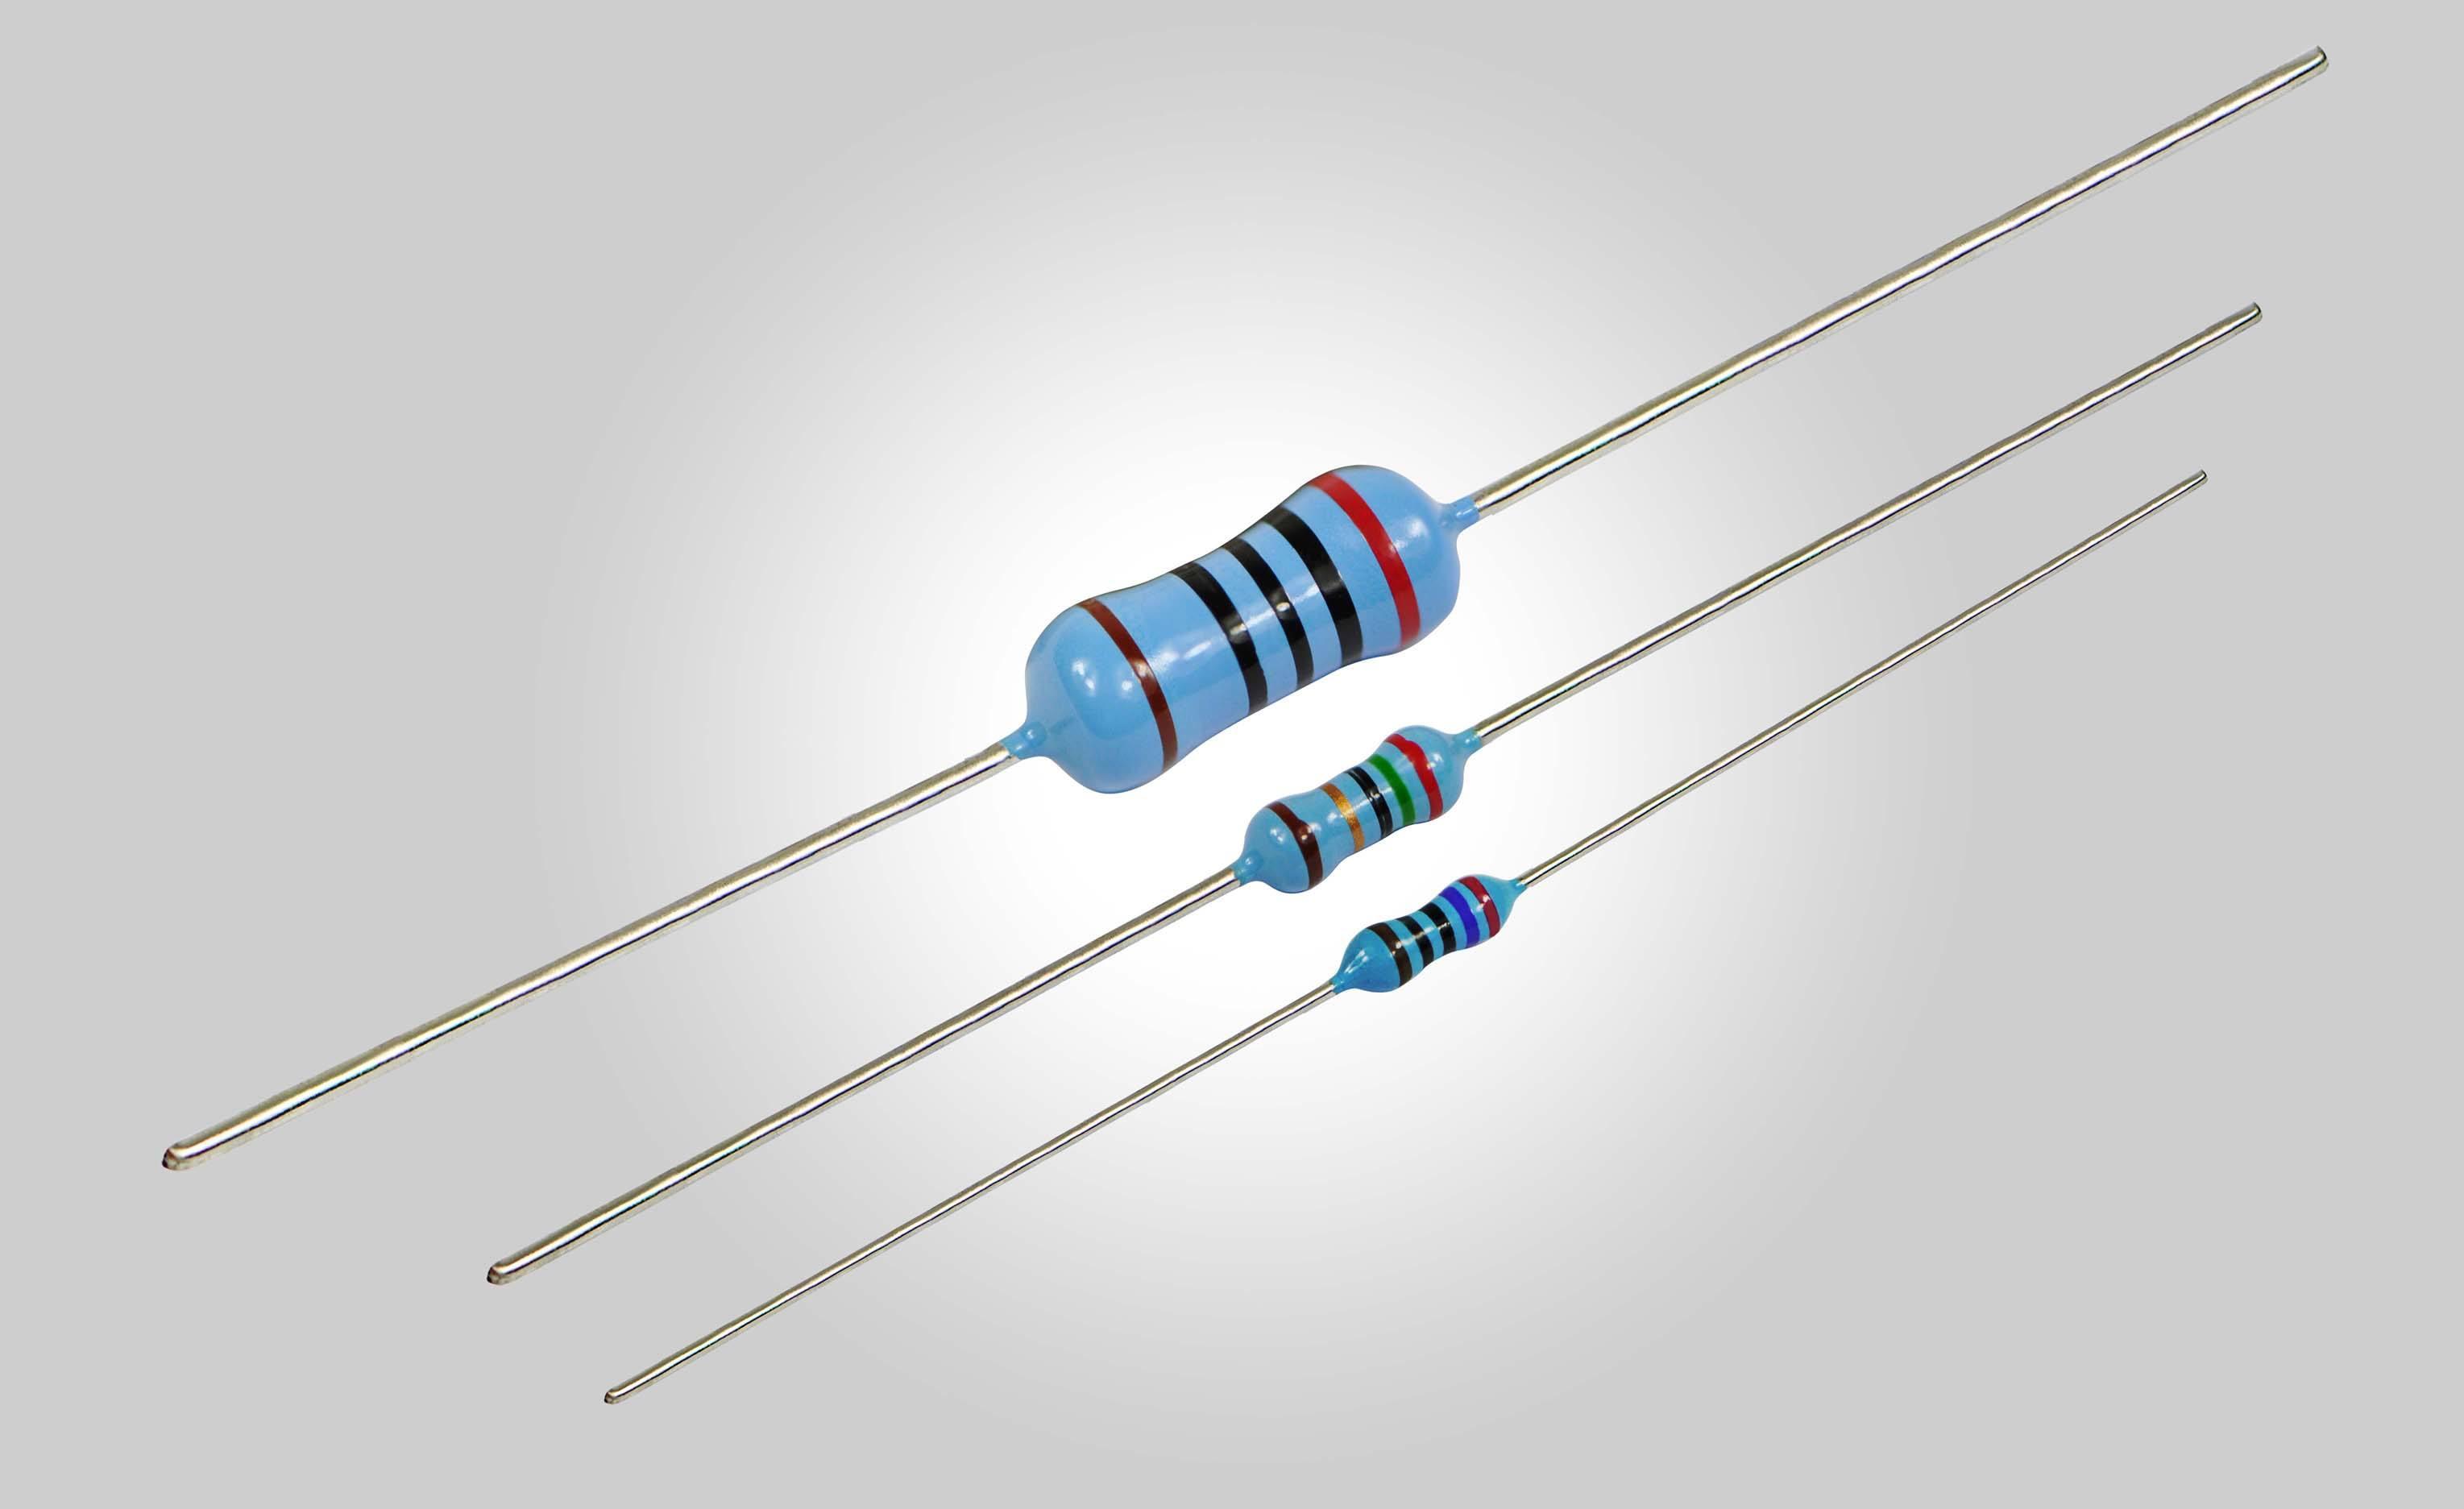 陕西奇宇电阻器厂家与您分享金属膜电阻与碳膜电阻的区别